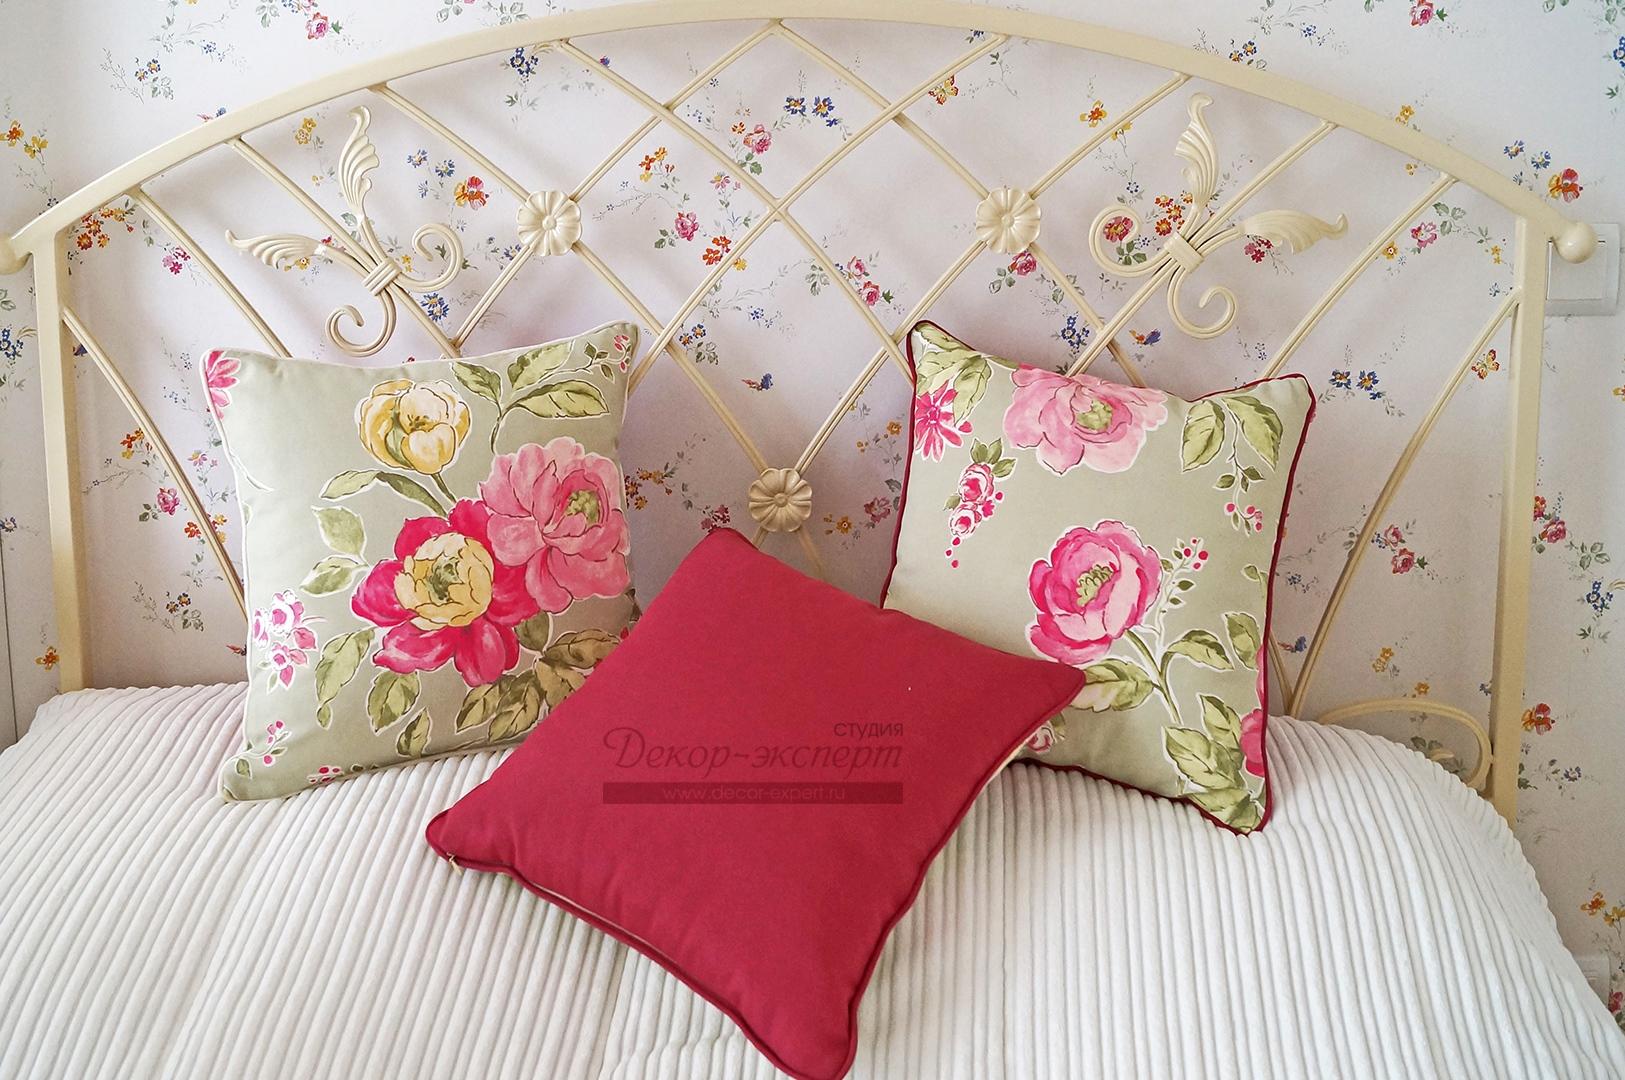 Декоративные подушки из хлопковой ткани с цветочным принтом